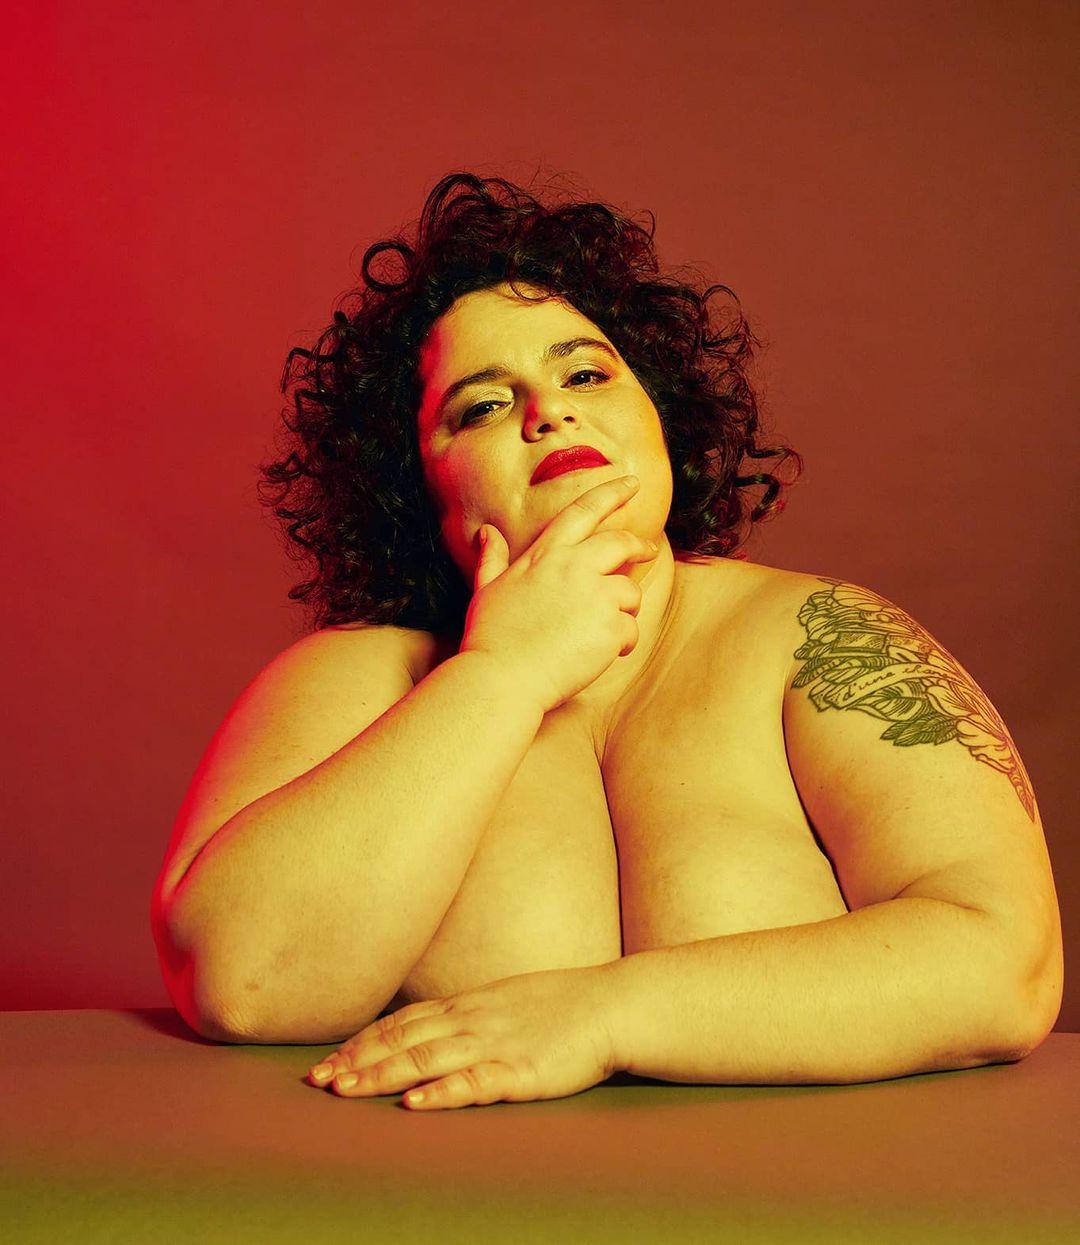 barbara butch fat activist